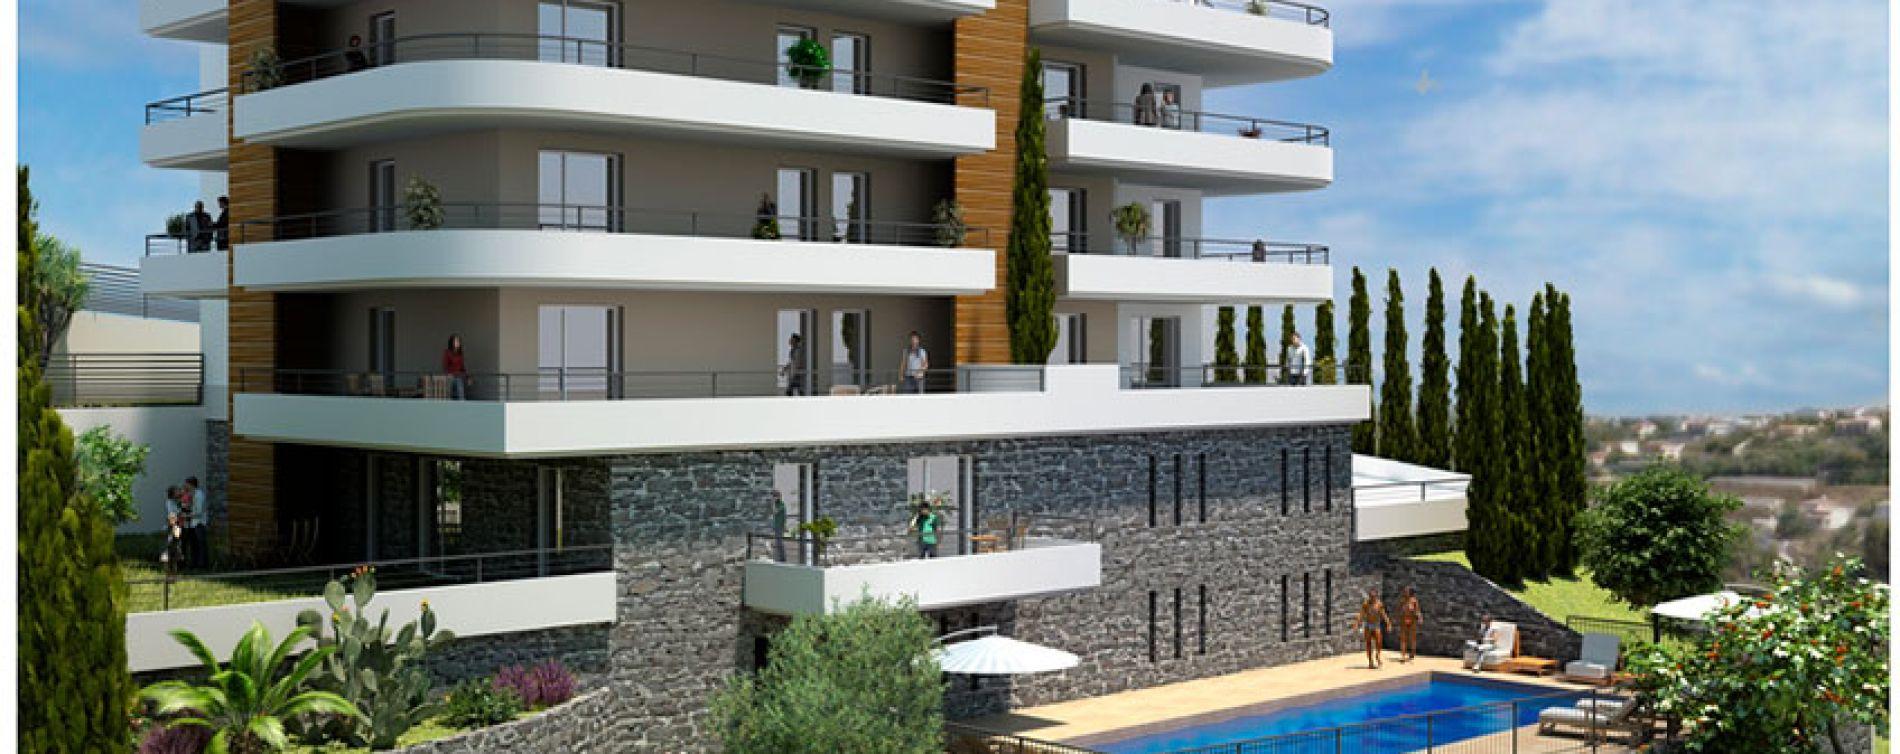 Résidence Fabron Seaside à Nice